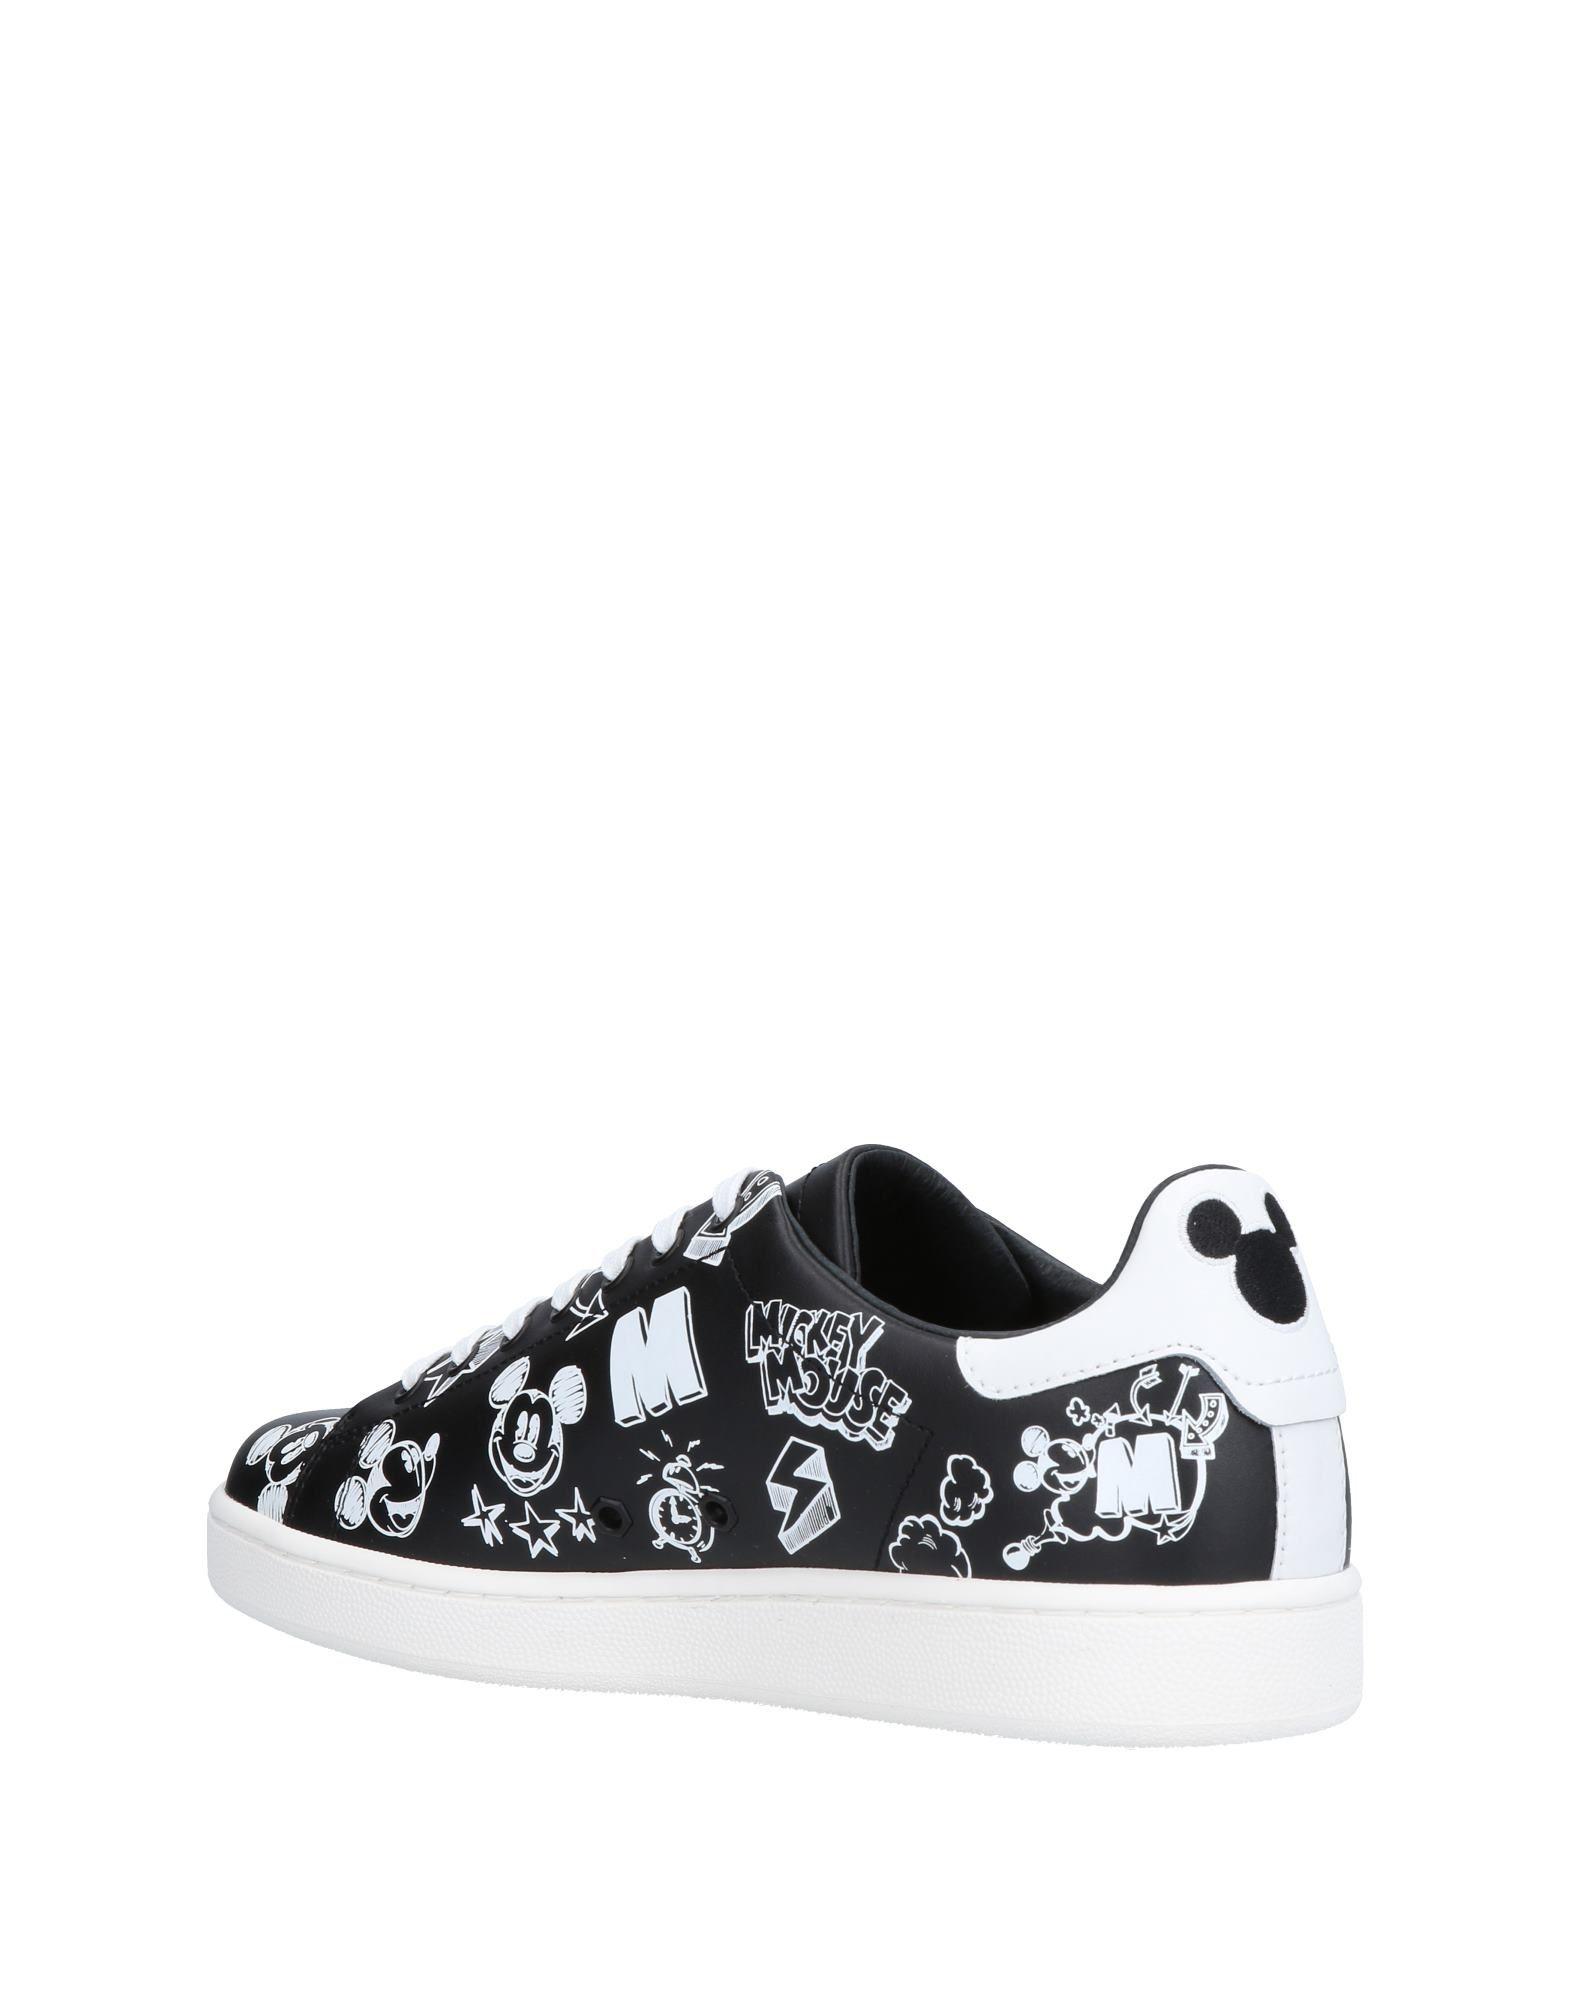 Rabatt echte Schuhe Sneakers Moa Master Of Arts Sneakers Schuhe Herren  11509824KL 811def